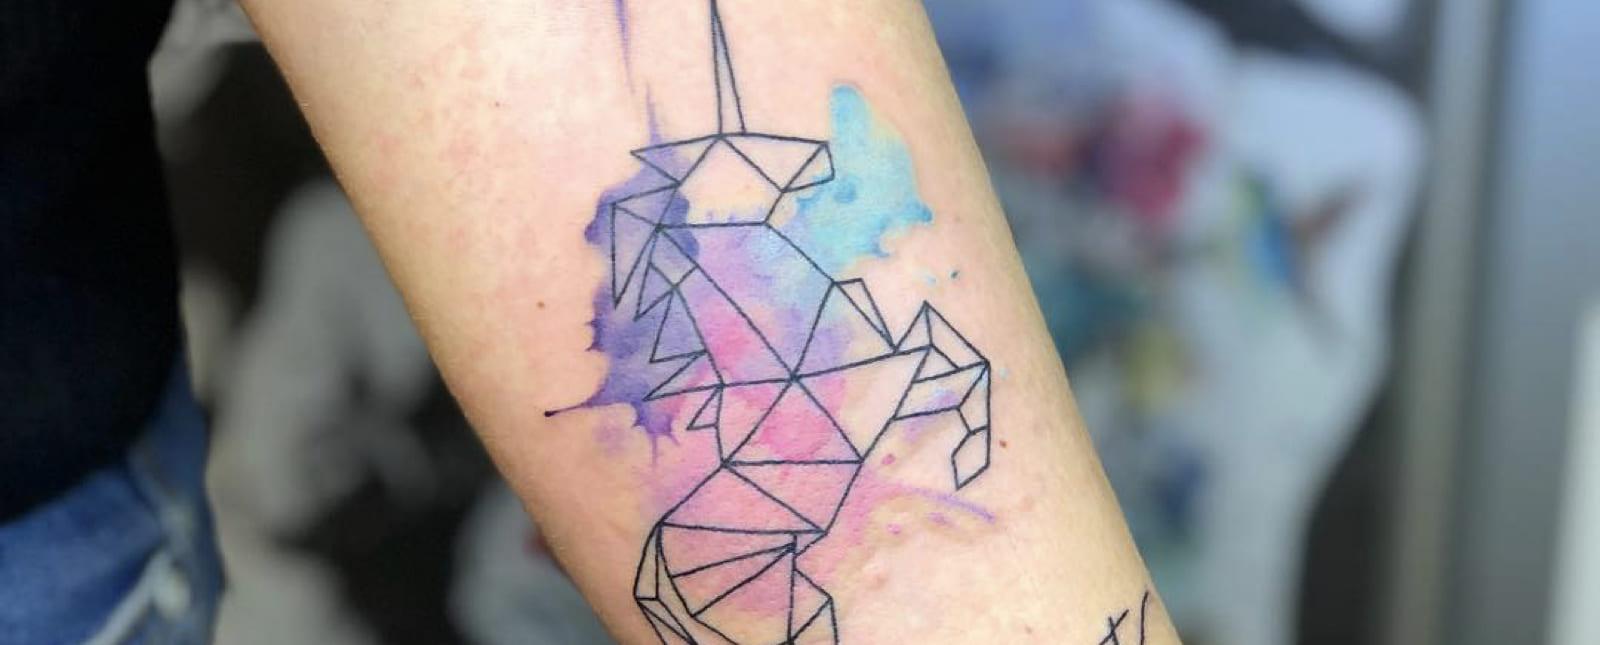 unicorn-tattoo-designs-magic-mythological-creature